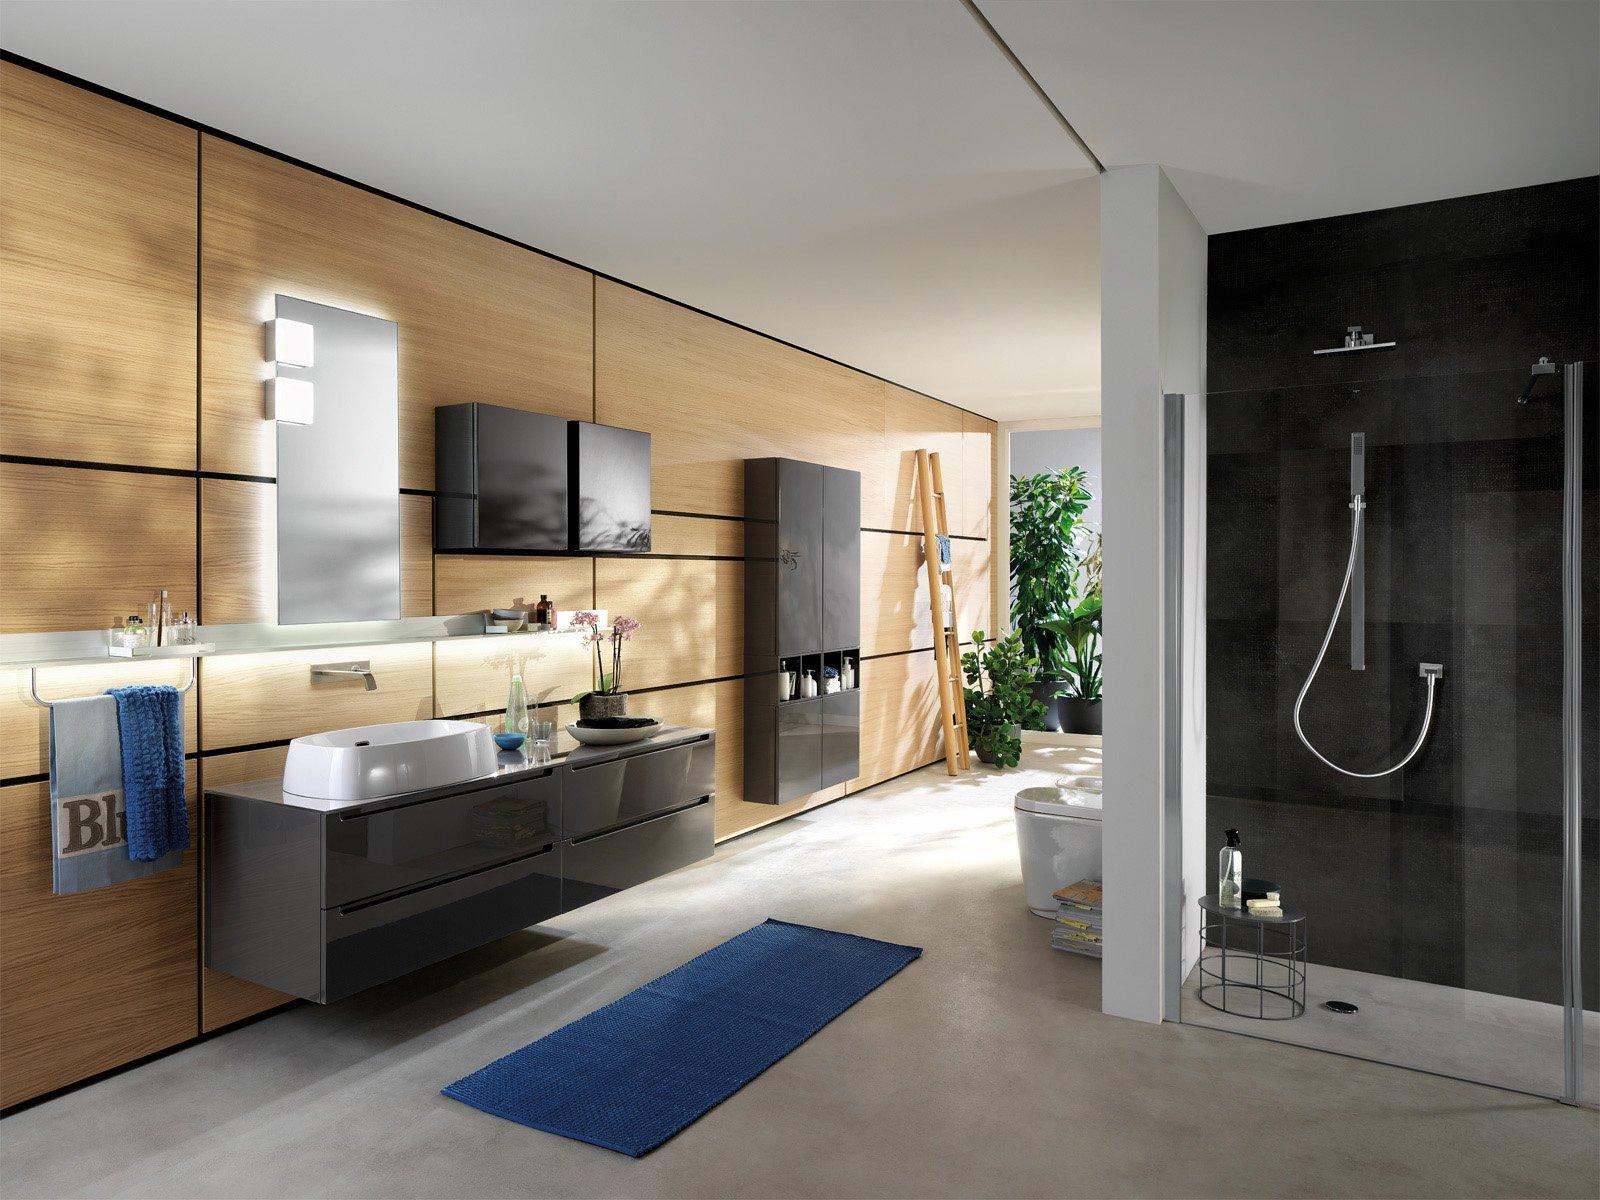 Casabook immobiliare bagno come attrezzarlo per il tuo - Come fare per andare in bagno ...